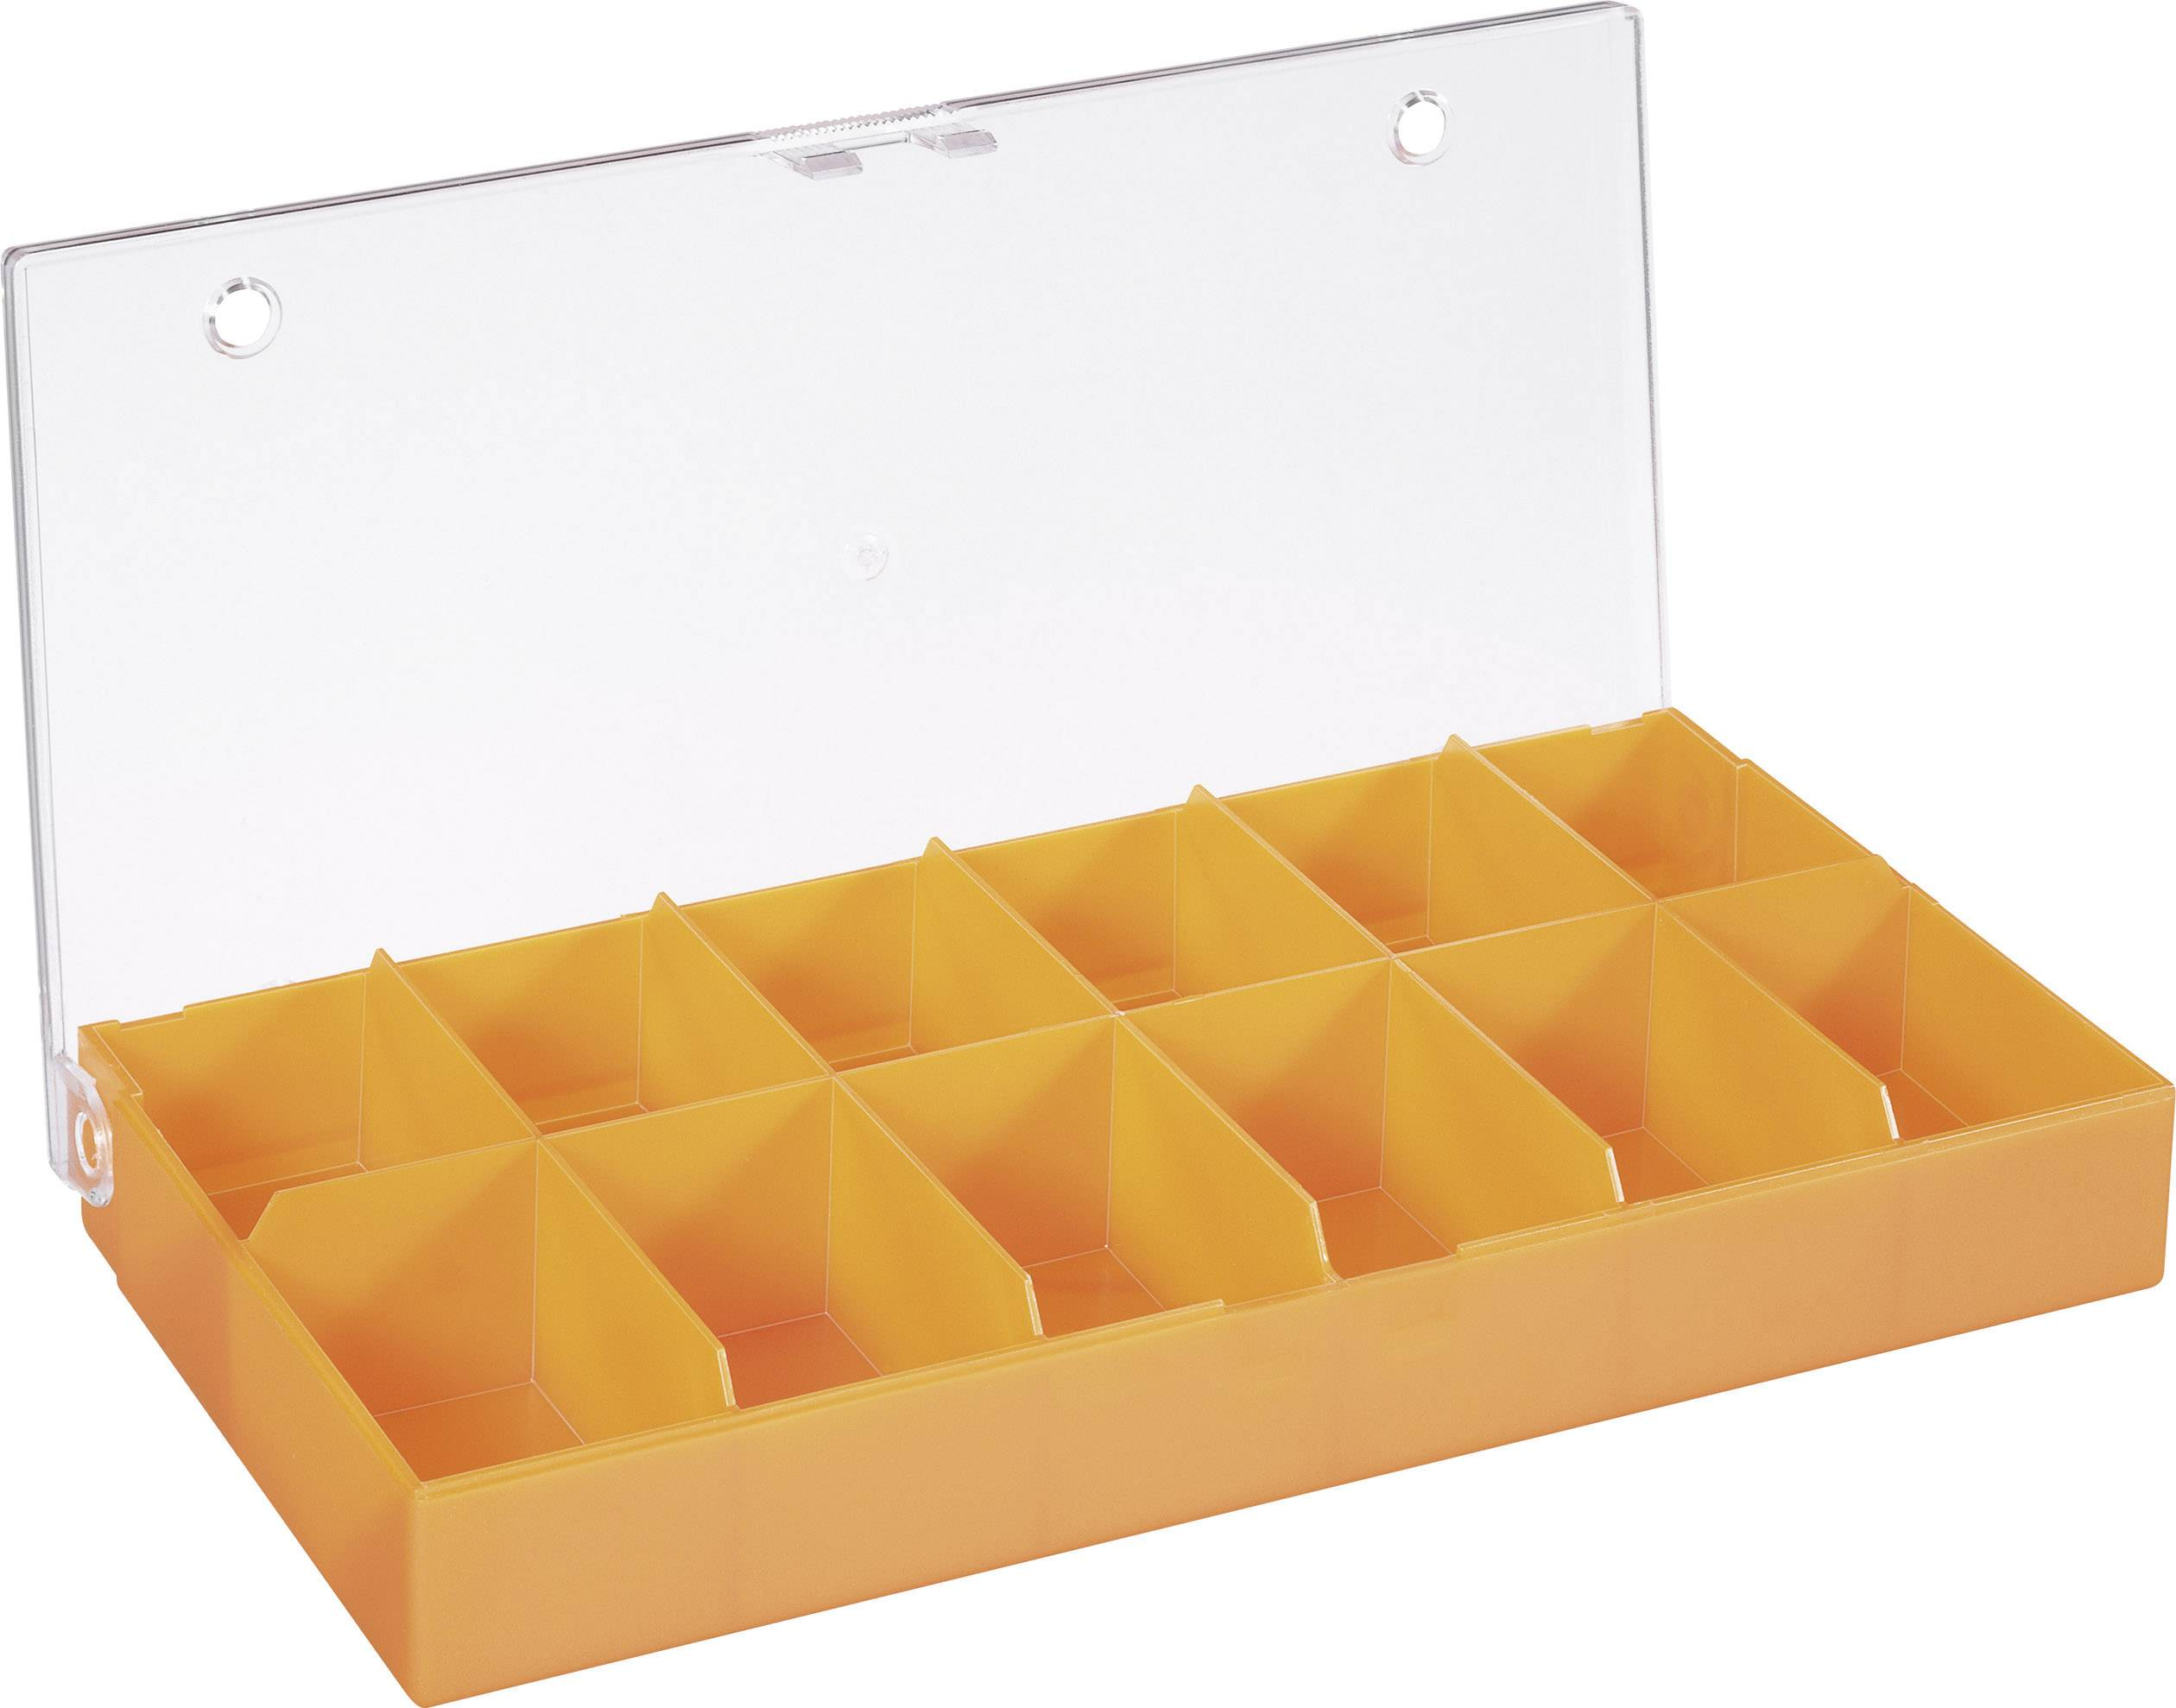 Zásobník na součástky barevný - 12 příhrádek, 194 x 31 x 101 mm